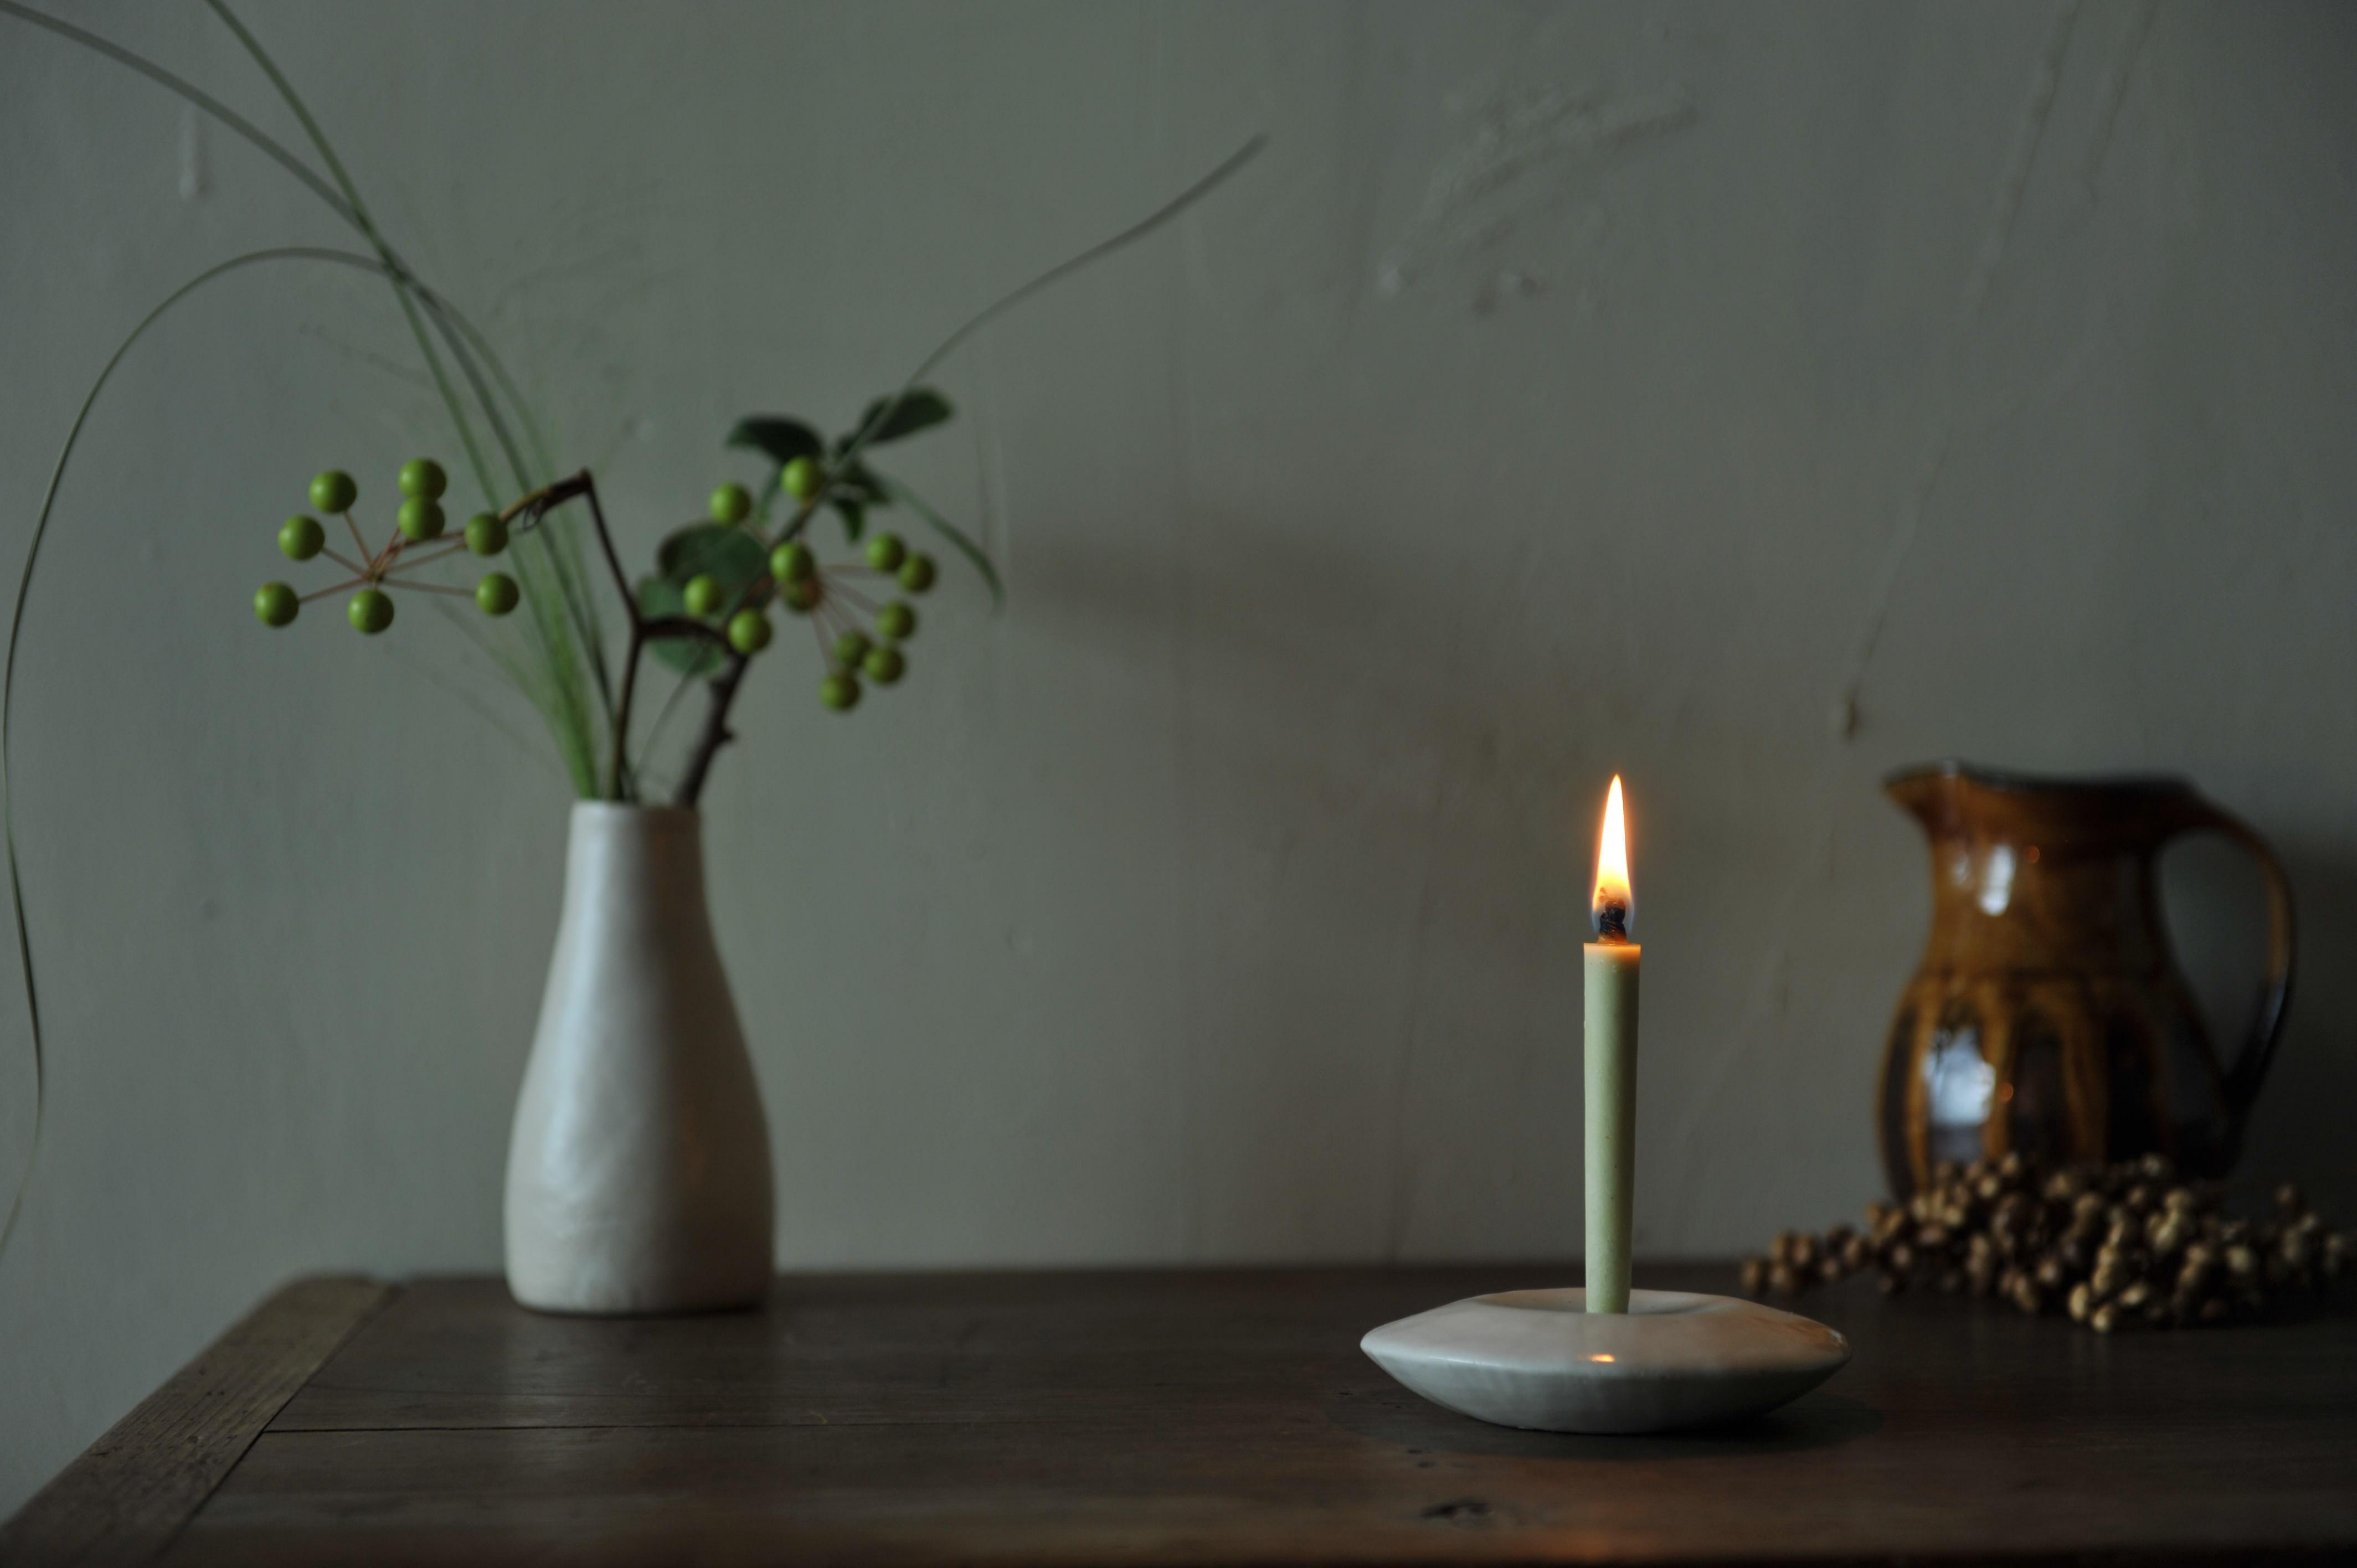 櫨という植物の実から採れる蝋のみでつくる櫨ろうそく。 蝋垂れや油煙がほとんどなく、美しく燃え続ける。